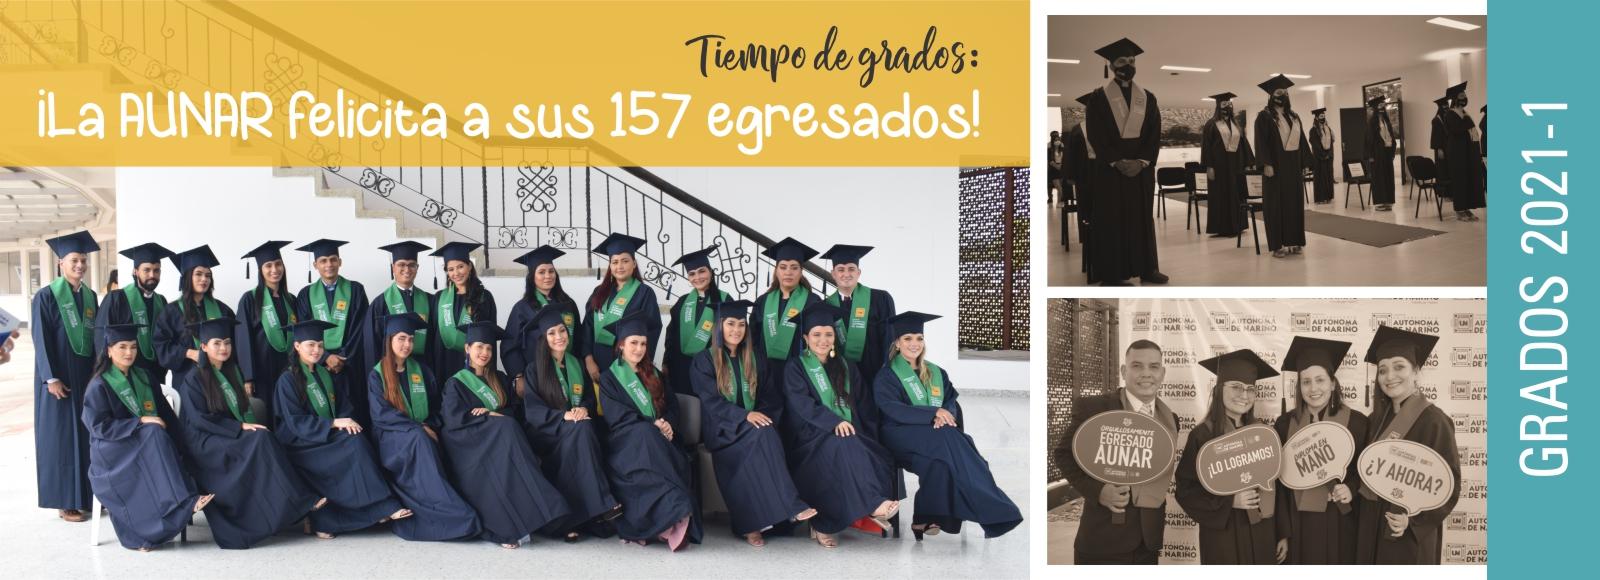 NUESTRA INSTITUCIÓN GRADUÓ 157 NUEVOS PROFESIONALES